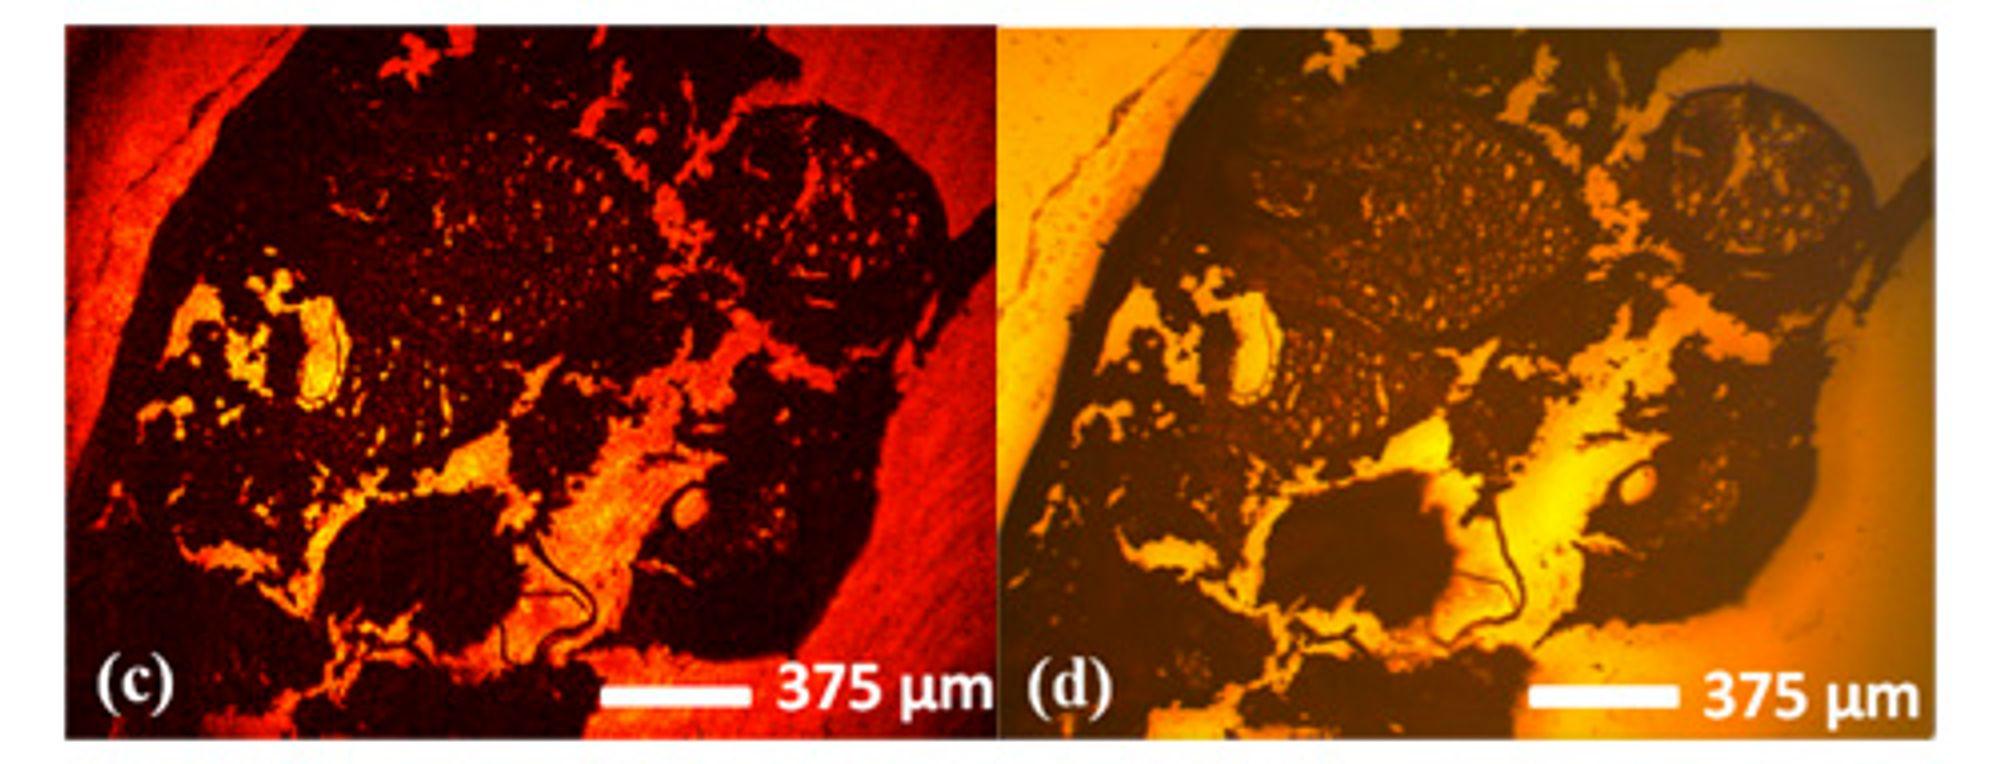 Til venstre ser vi et hologram tatt med det nye mikroskopet og deretter prosessert med programvare. Til høyre et bilde tatt gjennom vanlig mikroskop. Motivet her er hudceller.